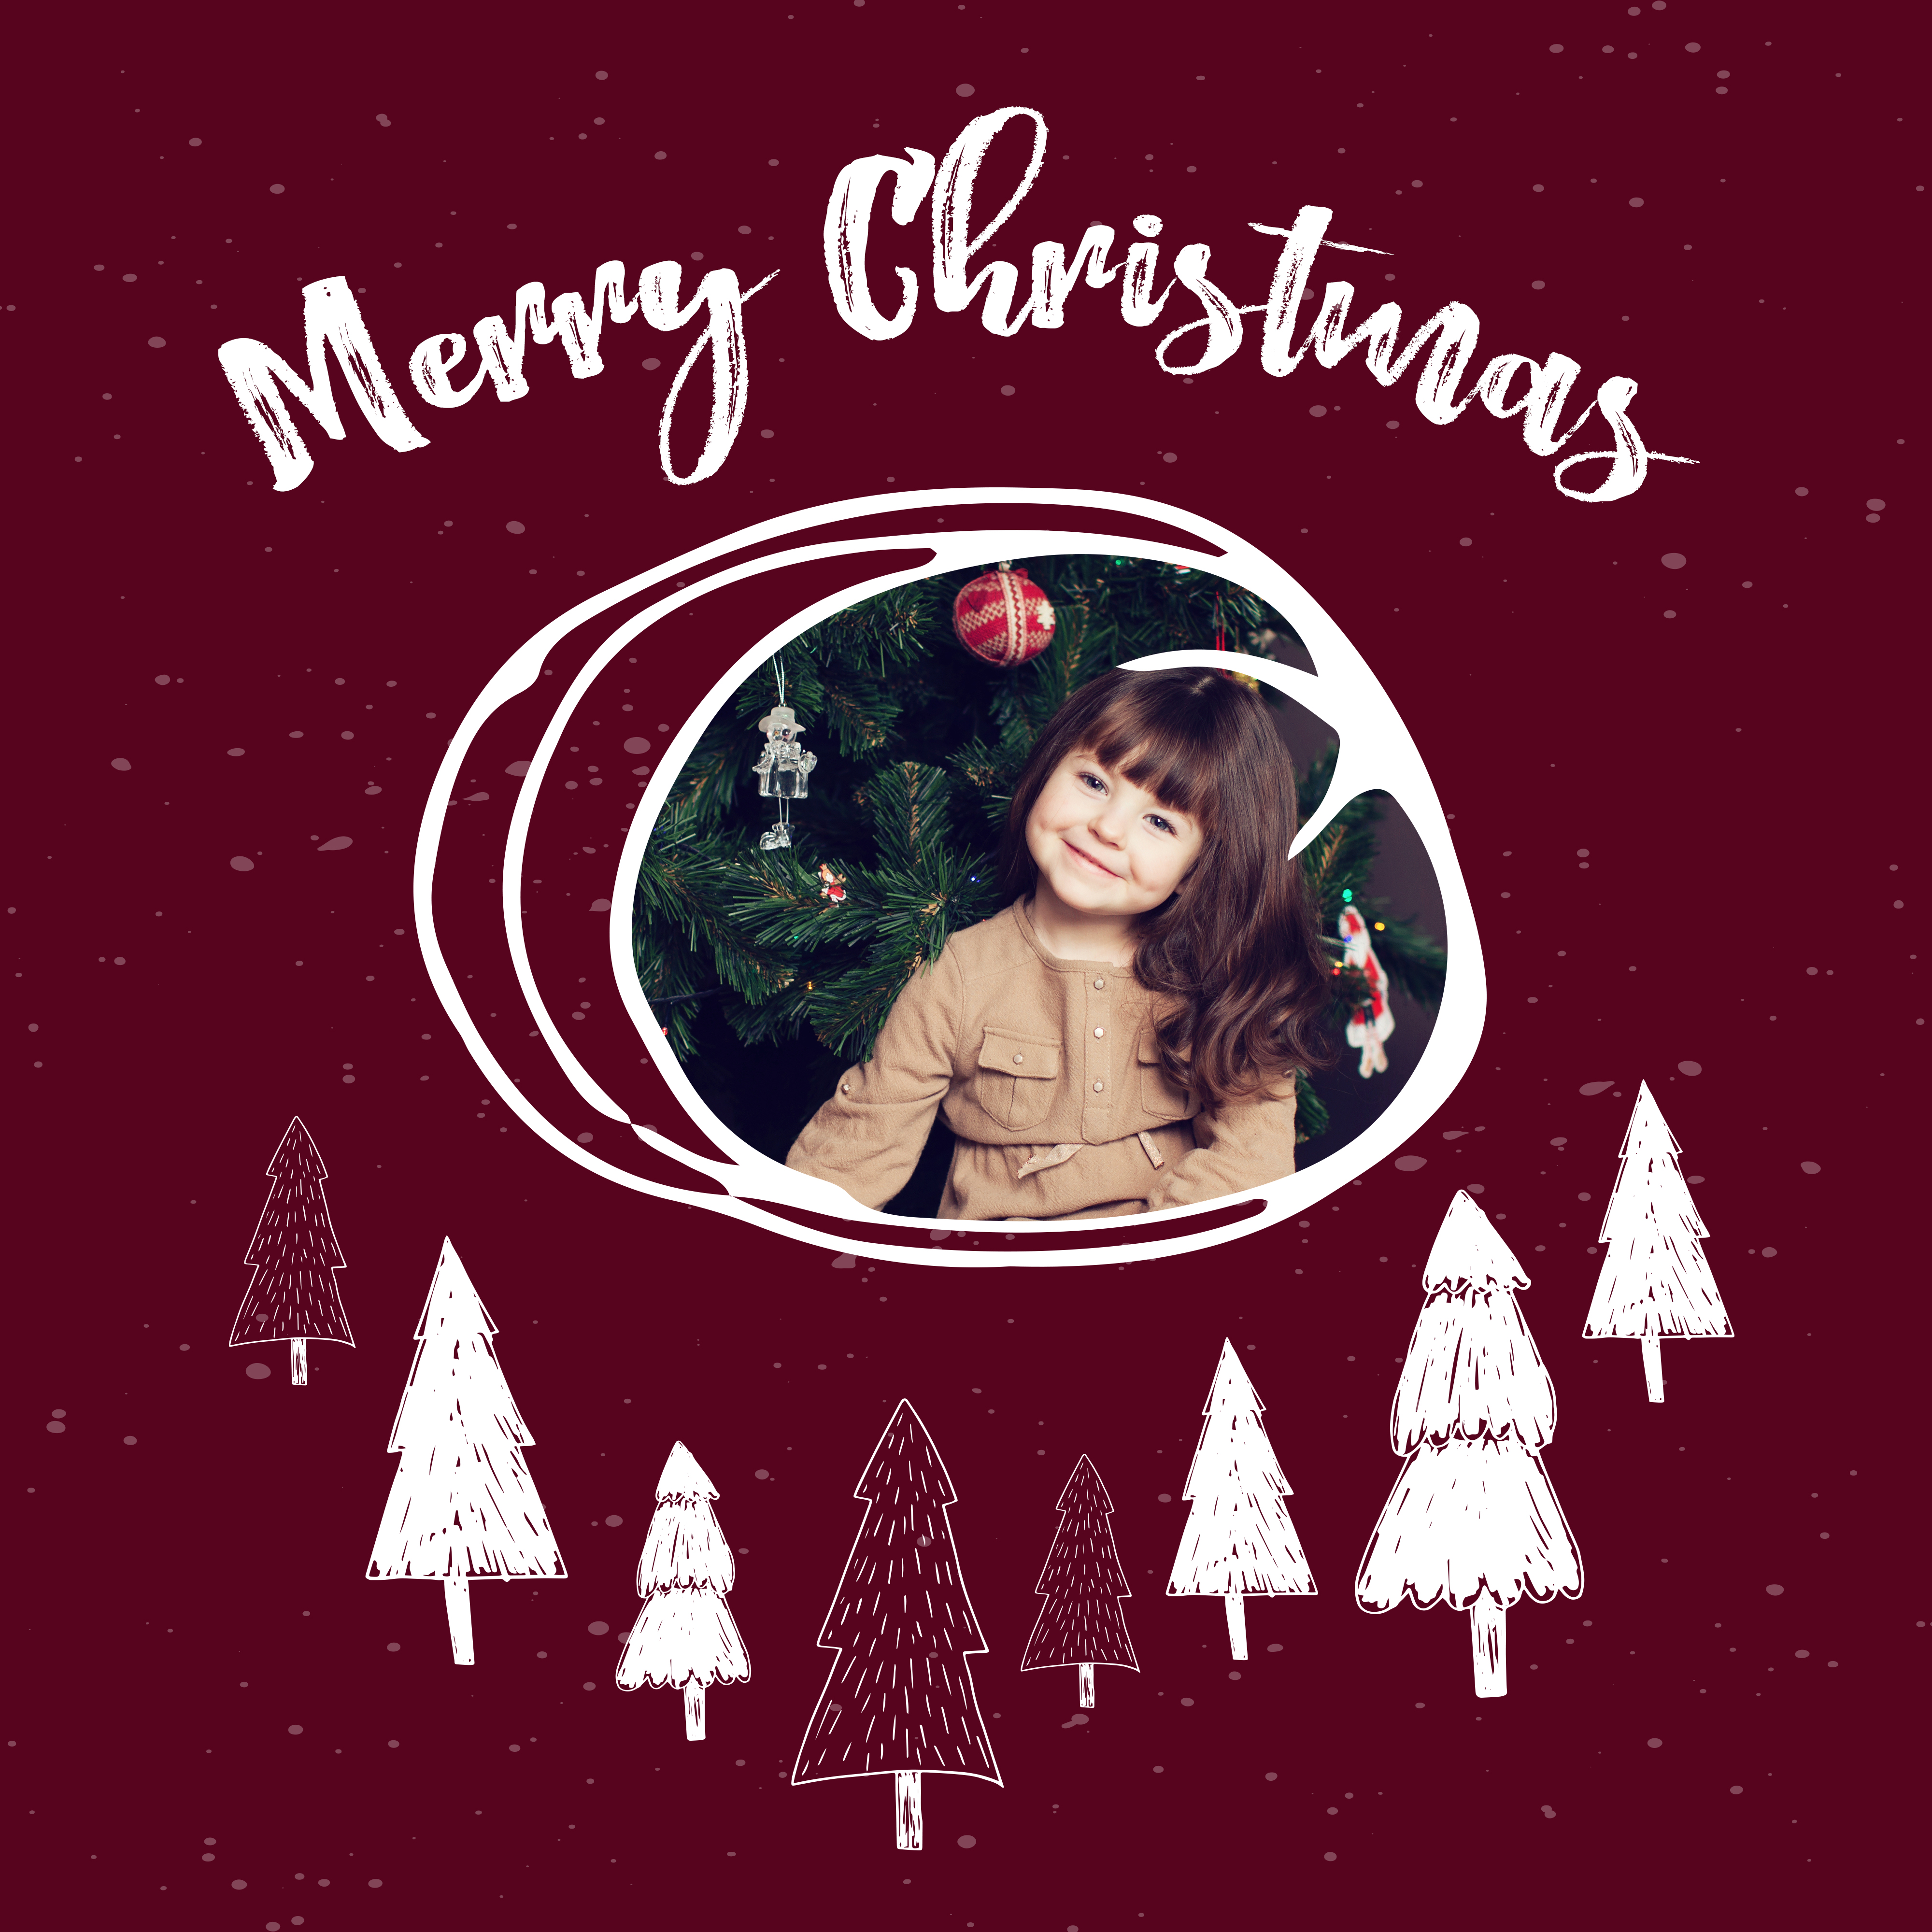 Modèle de collage photo gratuit pour Noël en rouge / myposter